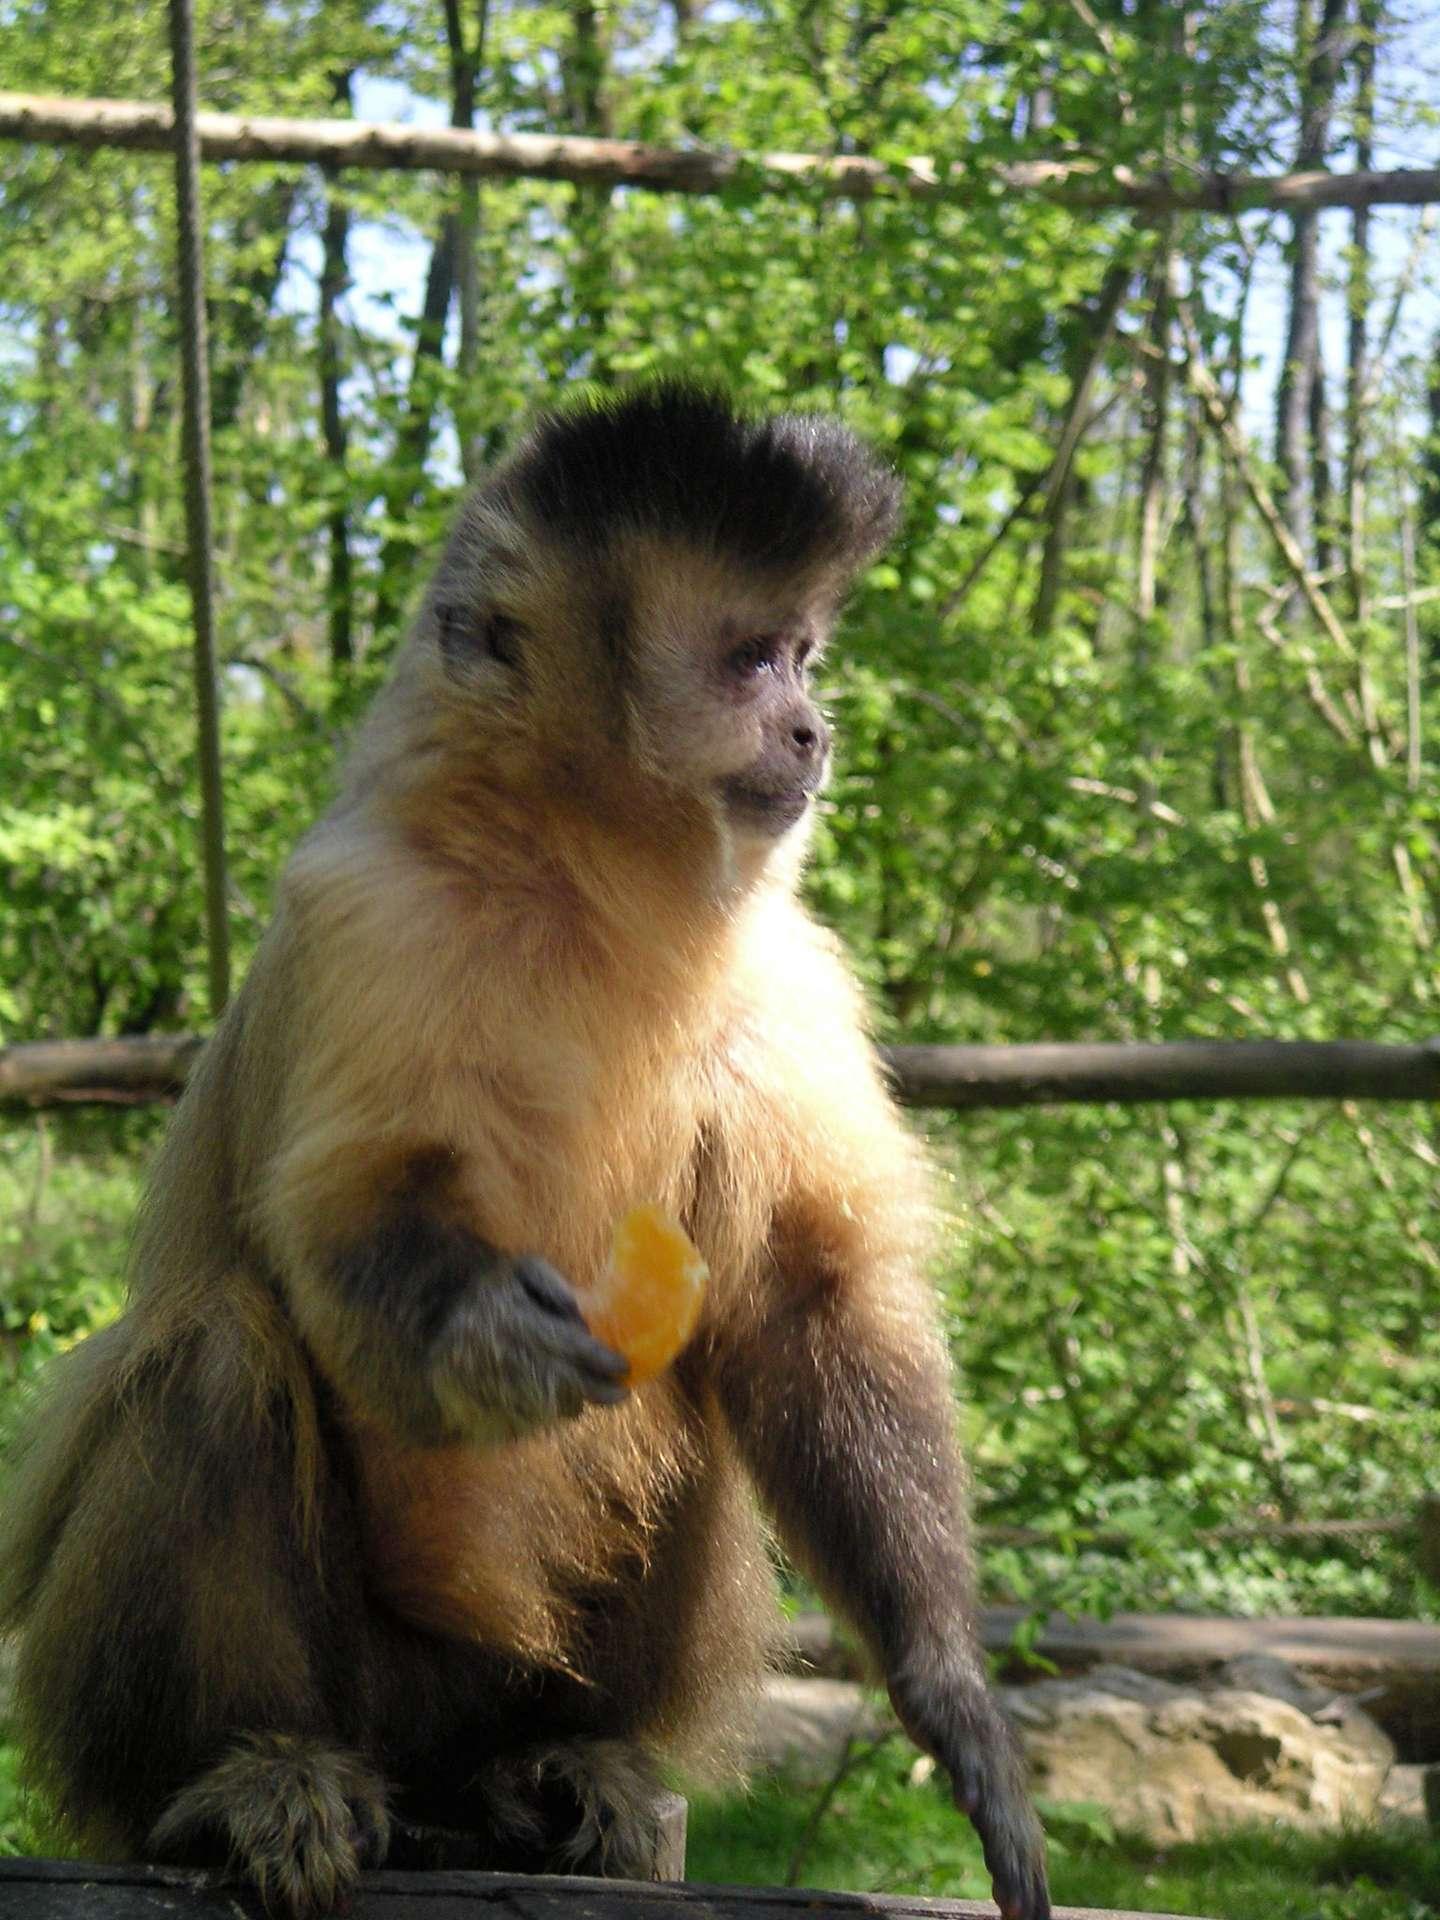 Avec son air rusé, le capucin à houppe noire n'est pas naïf. S'il trouve qu'une personne est trop égoïste, il ne la laissera pas lui offrir un traitement de faveur. © Wikihobby, DP